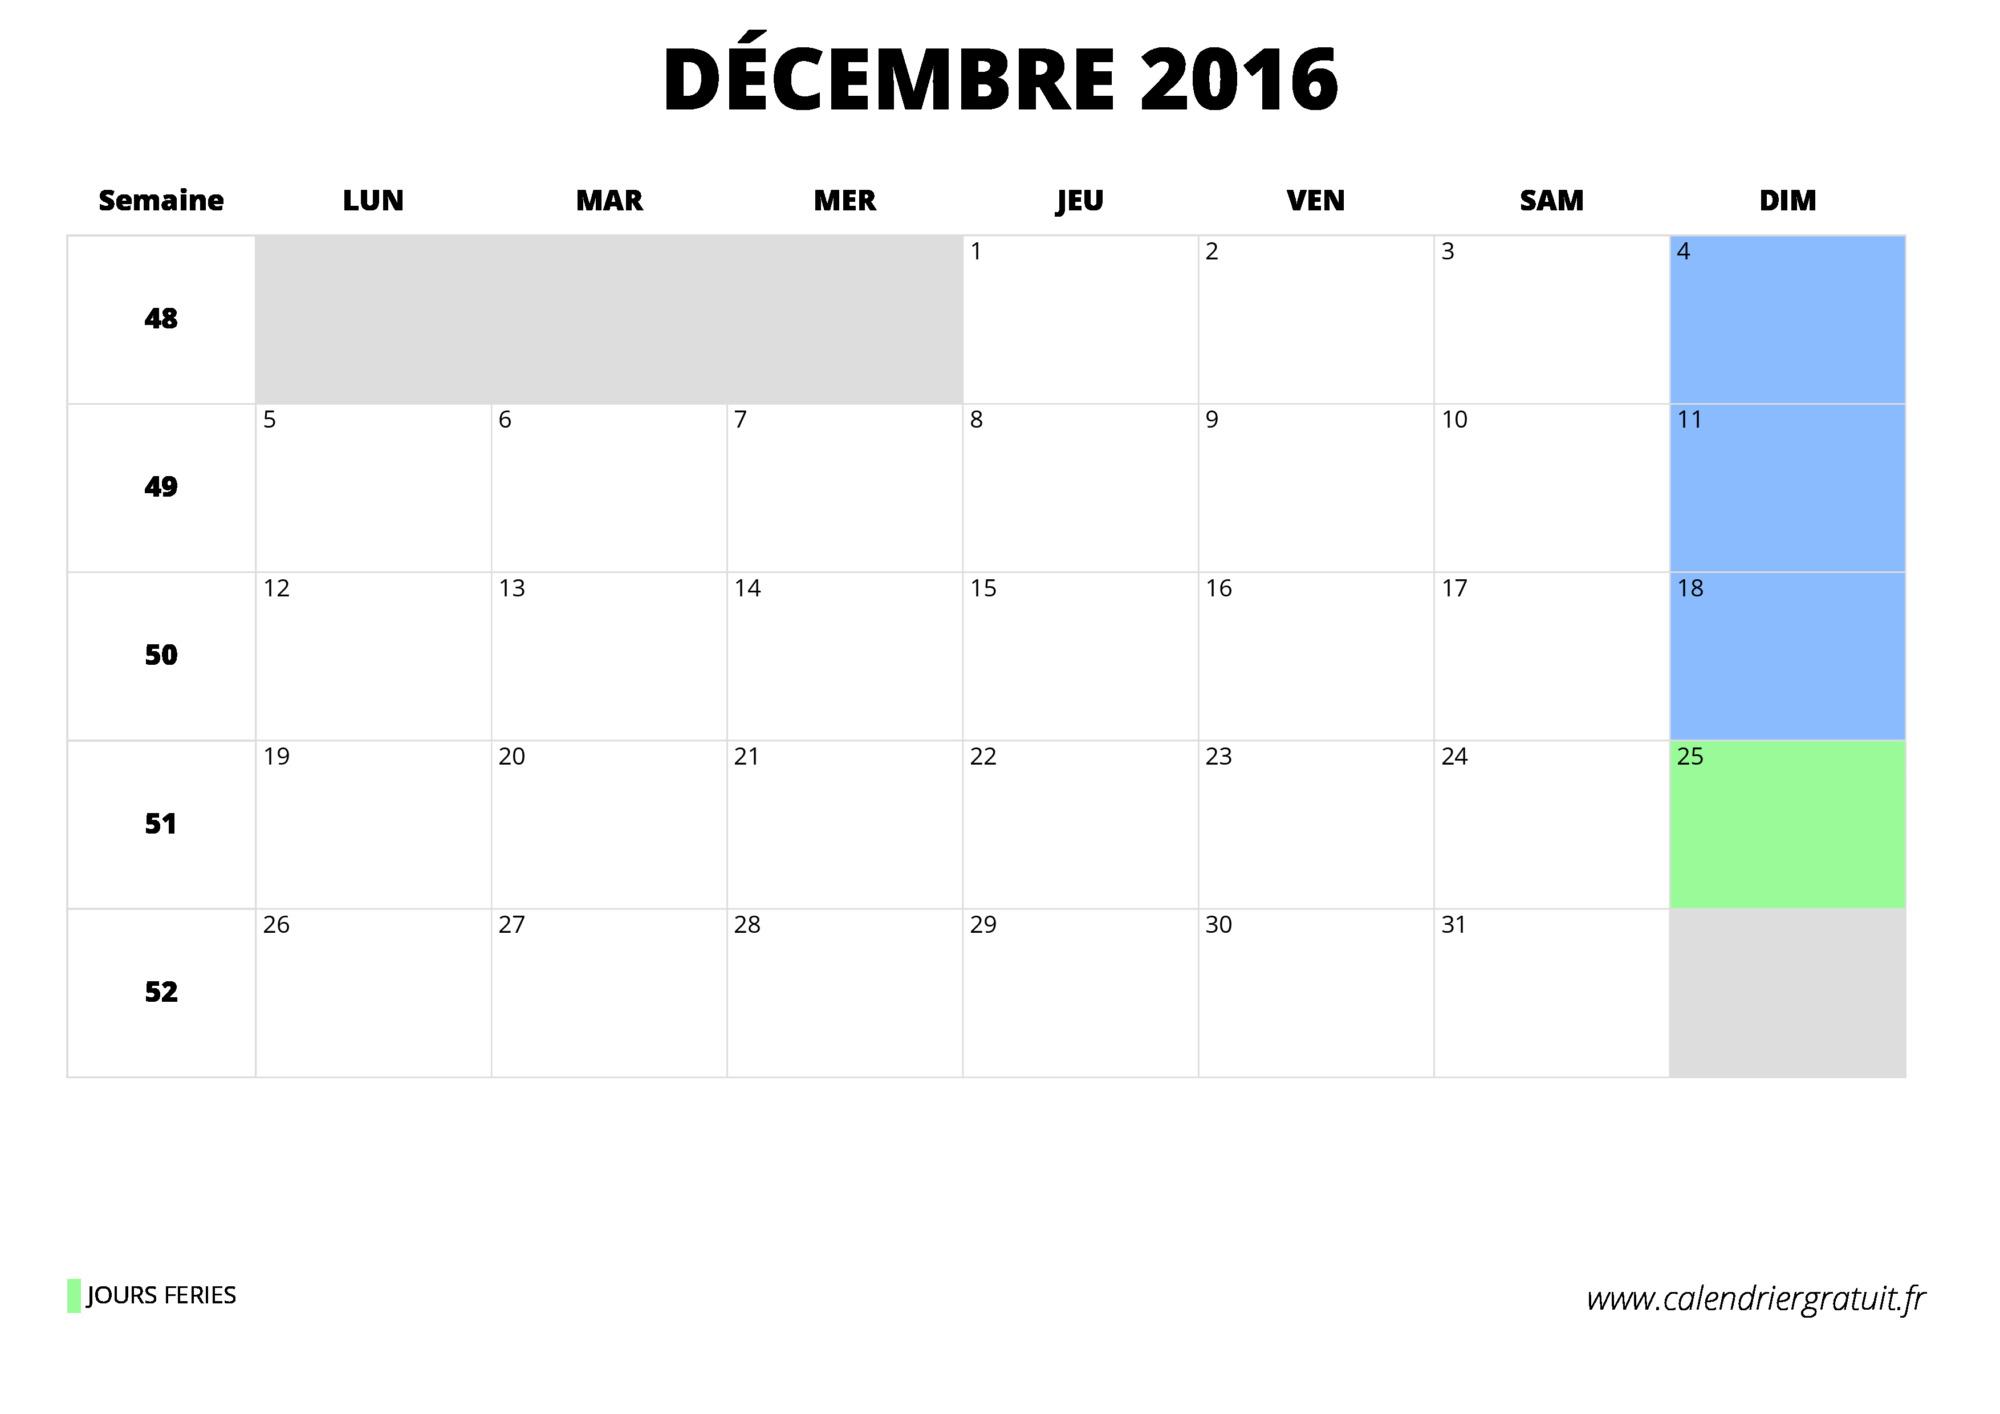 Calendrier d cembre 2016 imprimer - Calendrier lunaire decembre 2016 ...